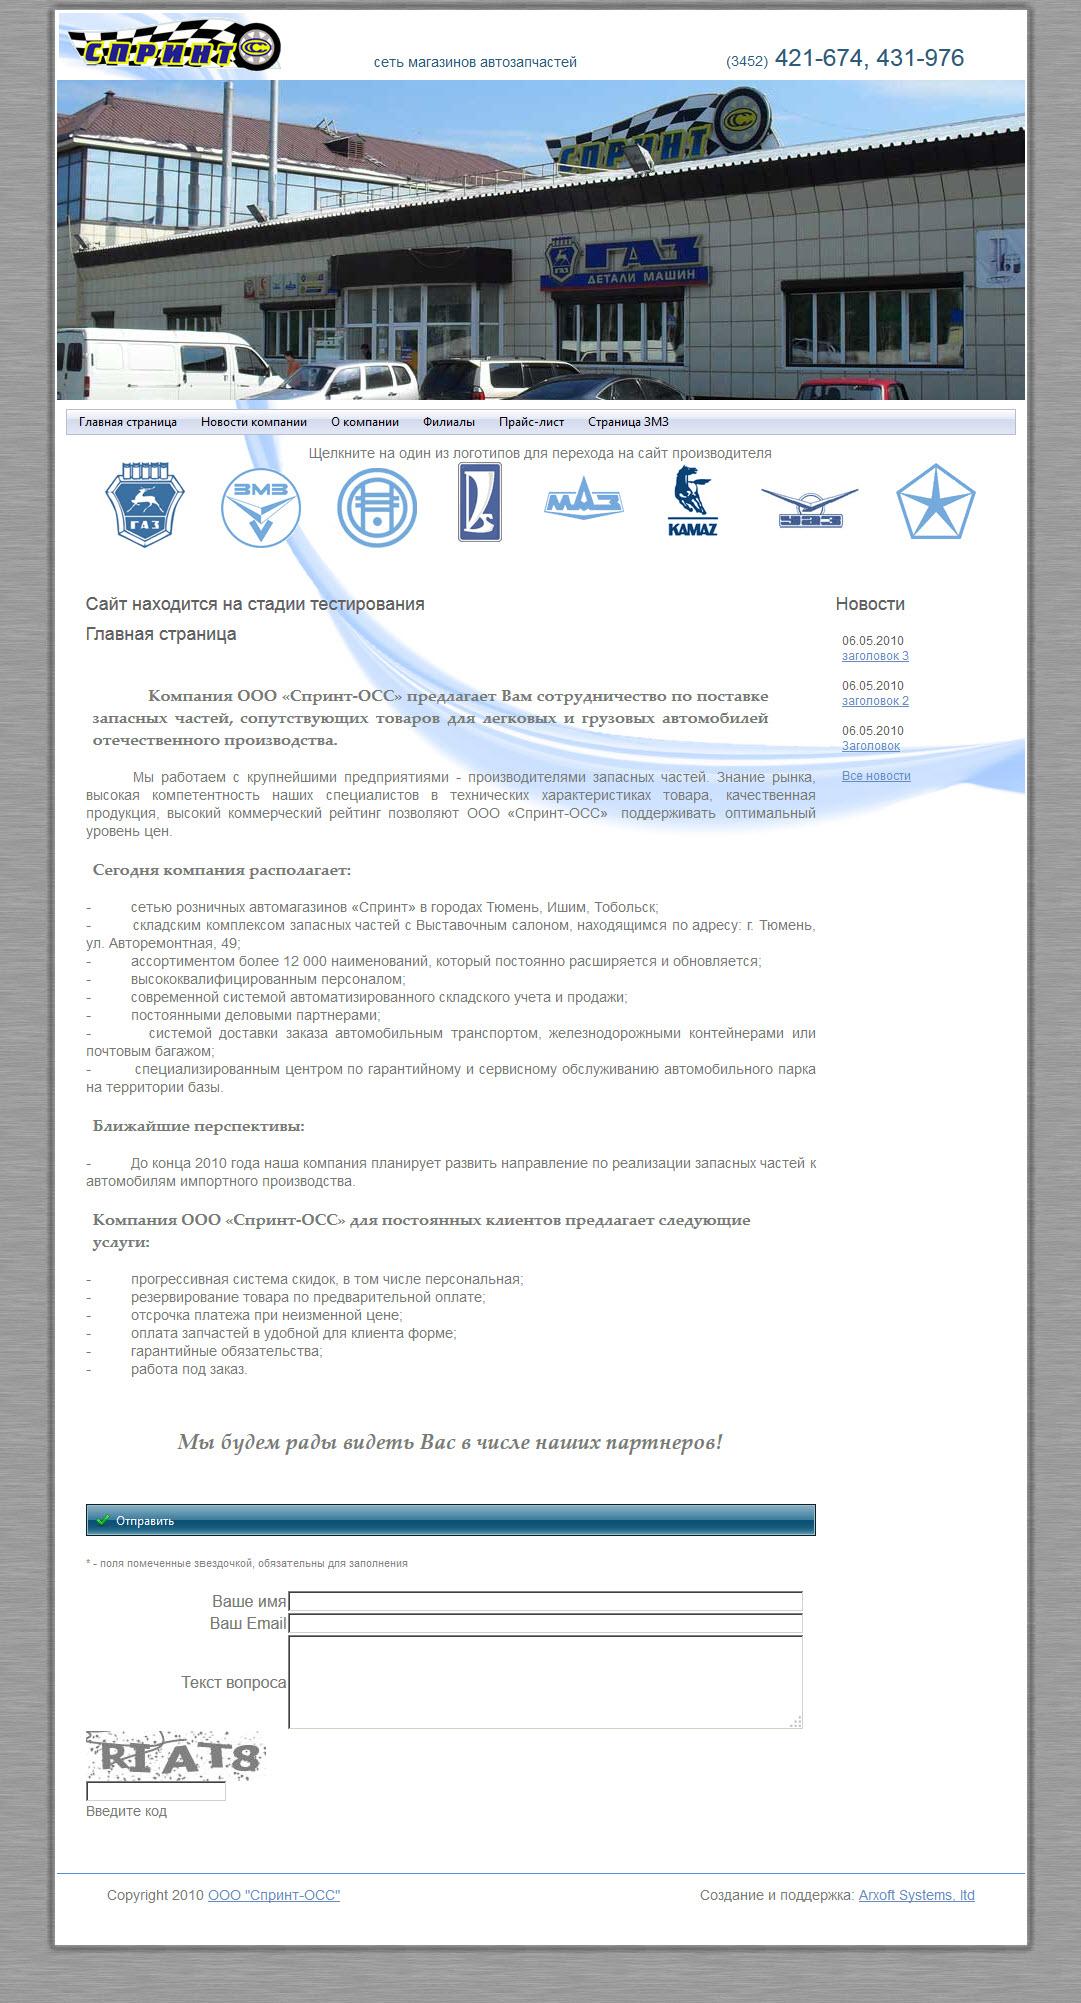 Спринт-ОСС (asp.net, 2010г, в архиве)